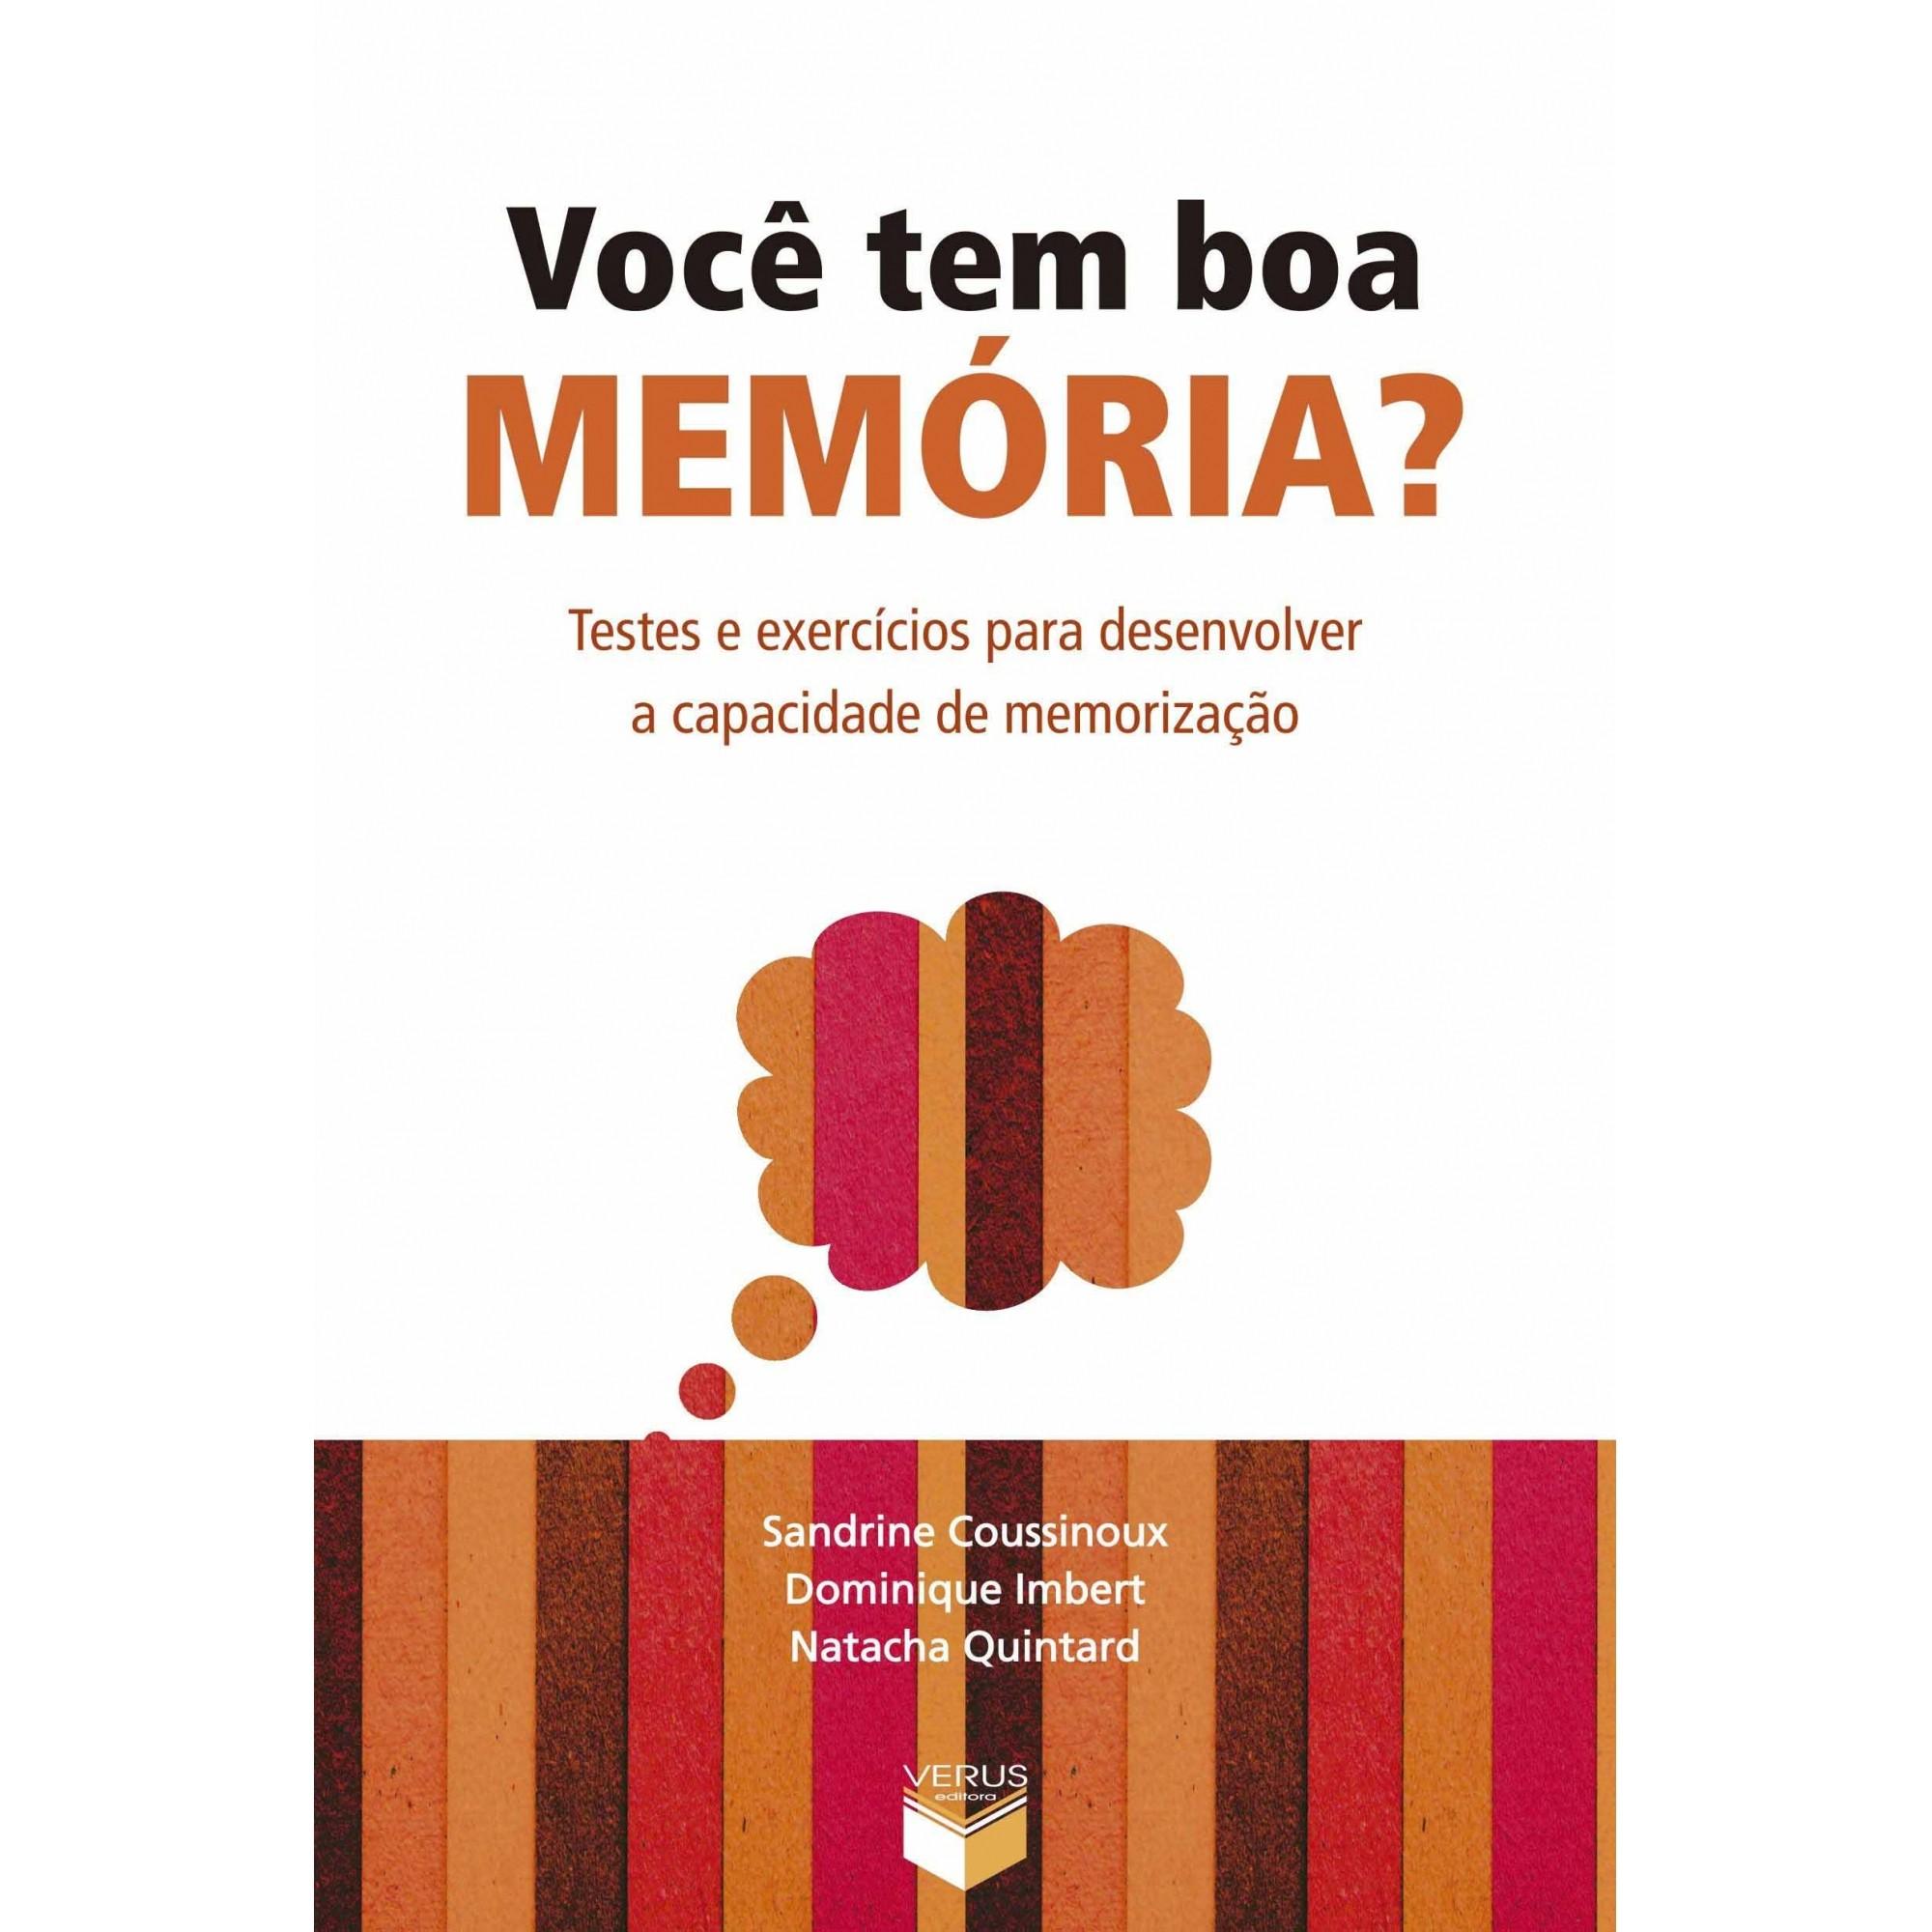 VOCÊ TEM BOA MEMÓRIA?